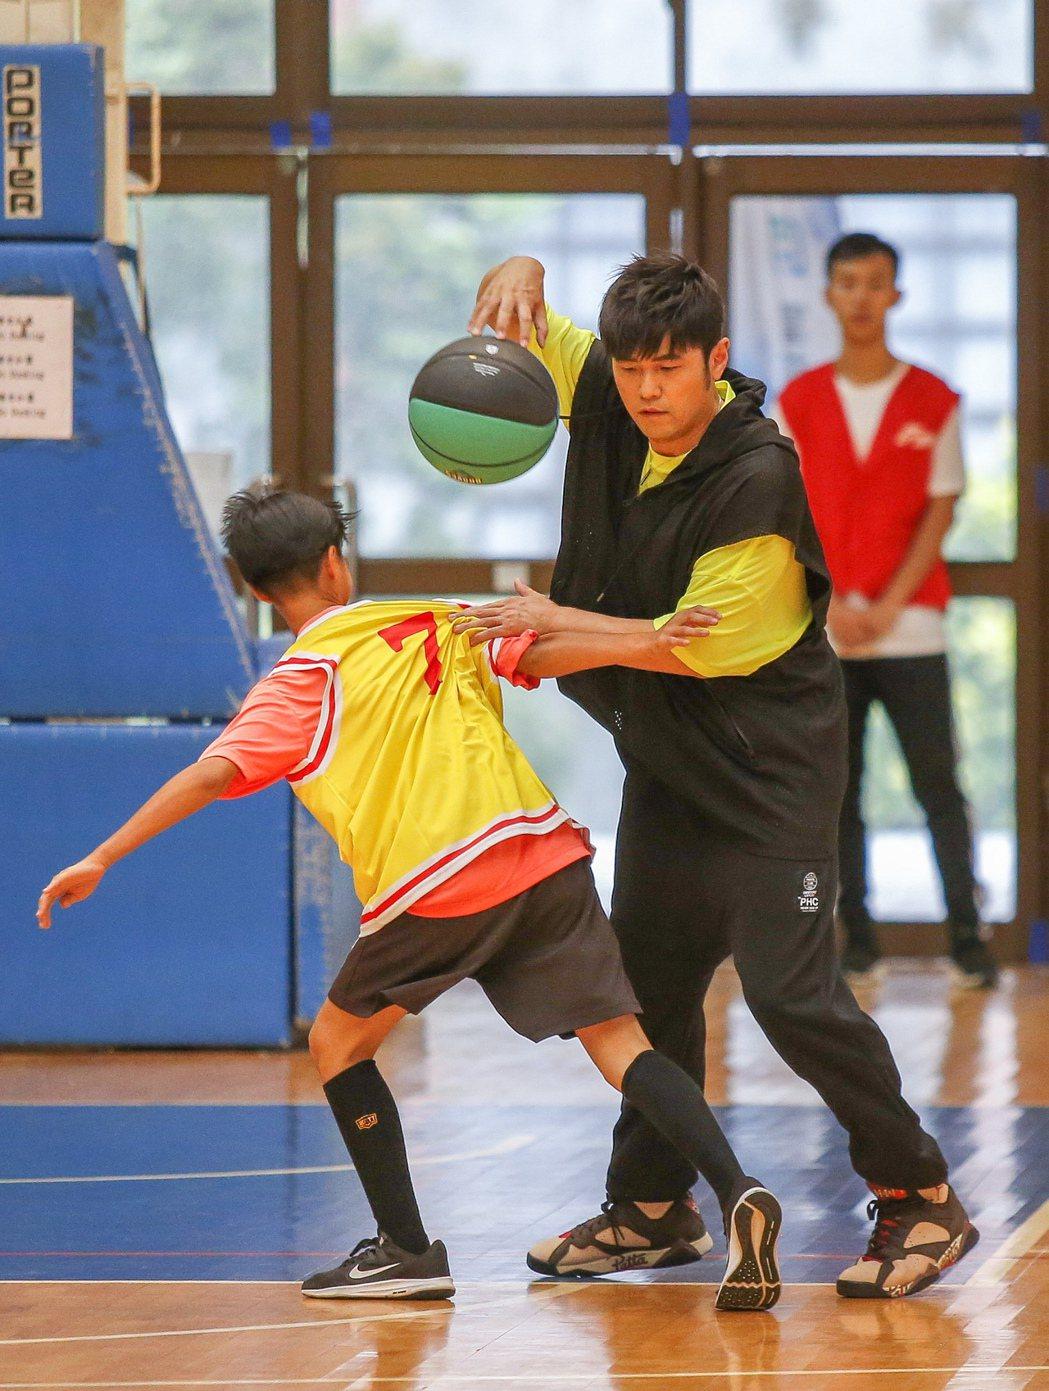 勇士JAY盟公益籃球活動在桃園銘傳大學體育館舉行,代言人周杰倫下場跟小朋友一起打...